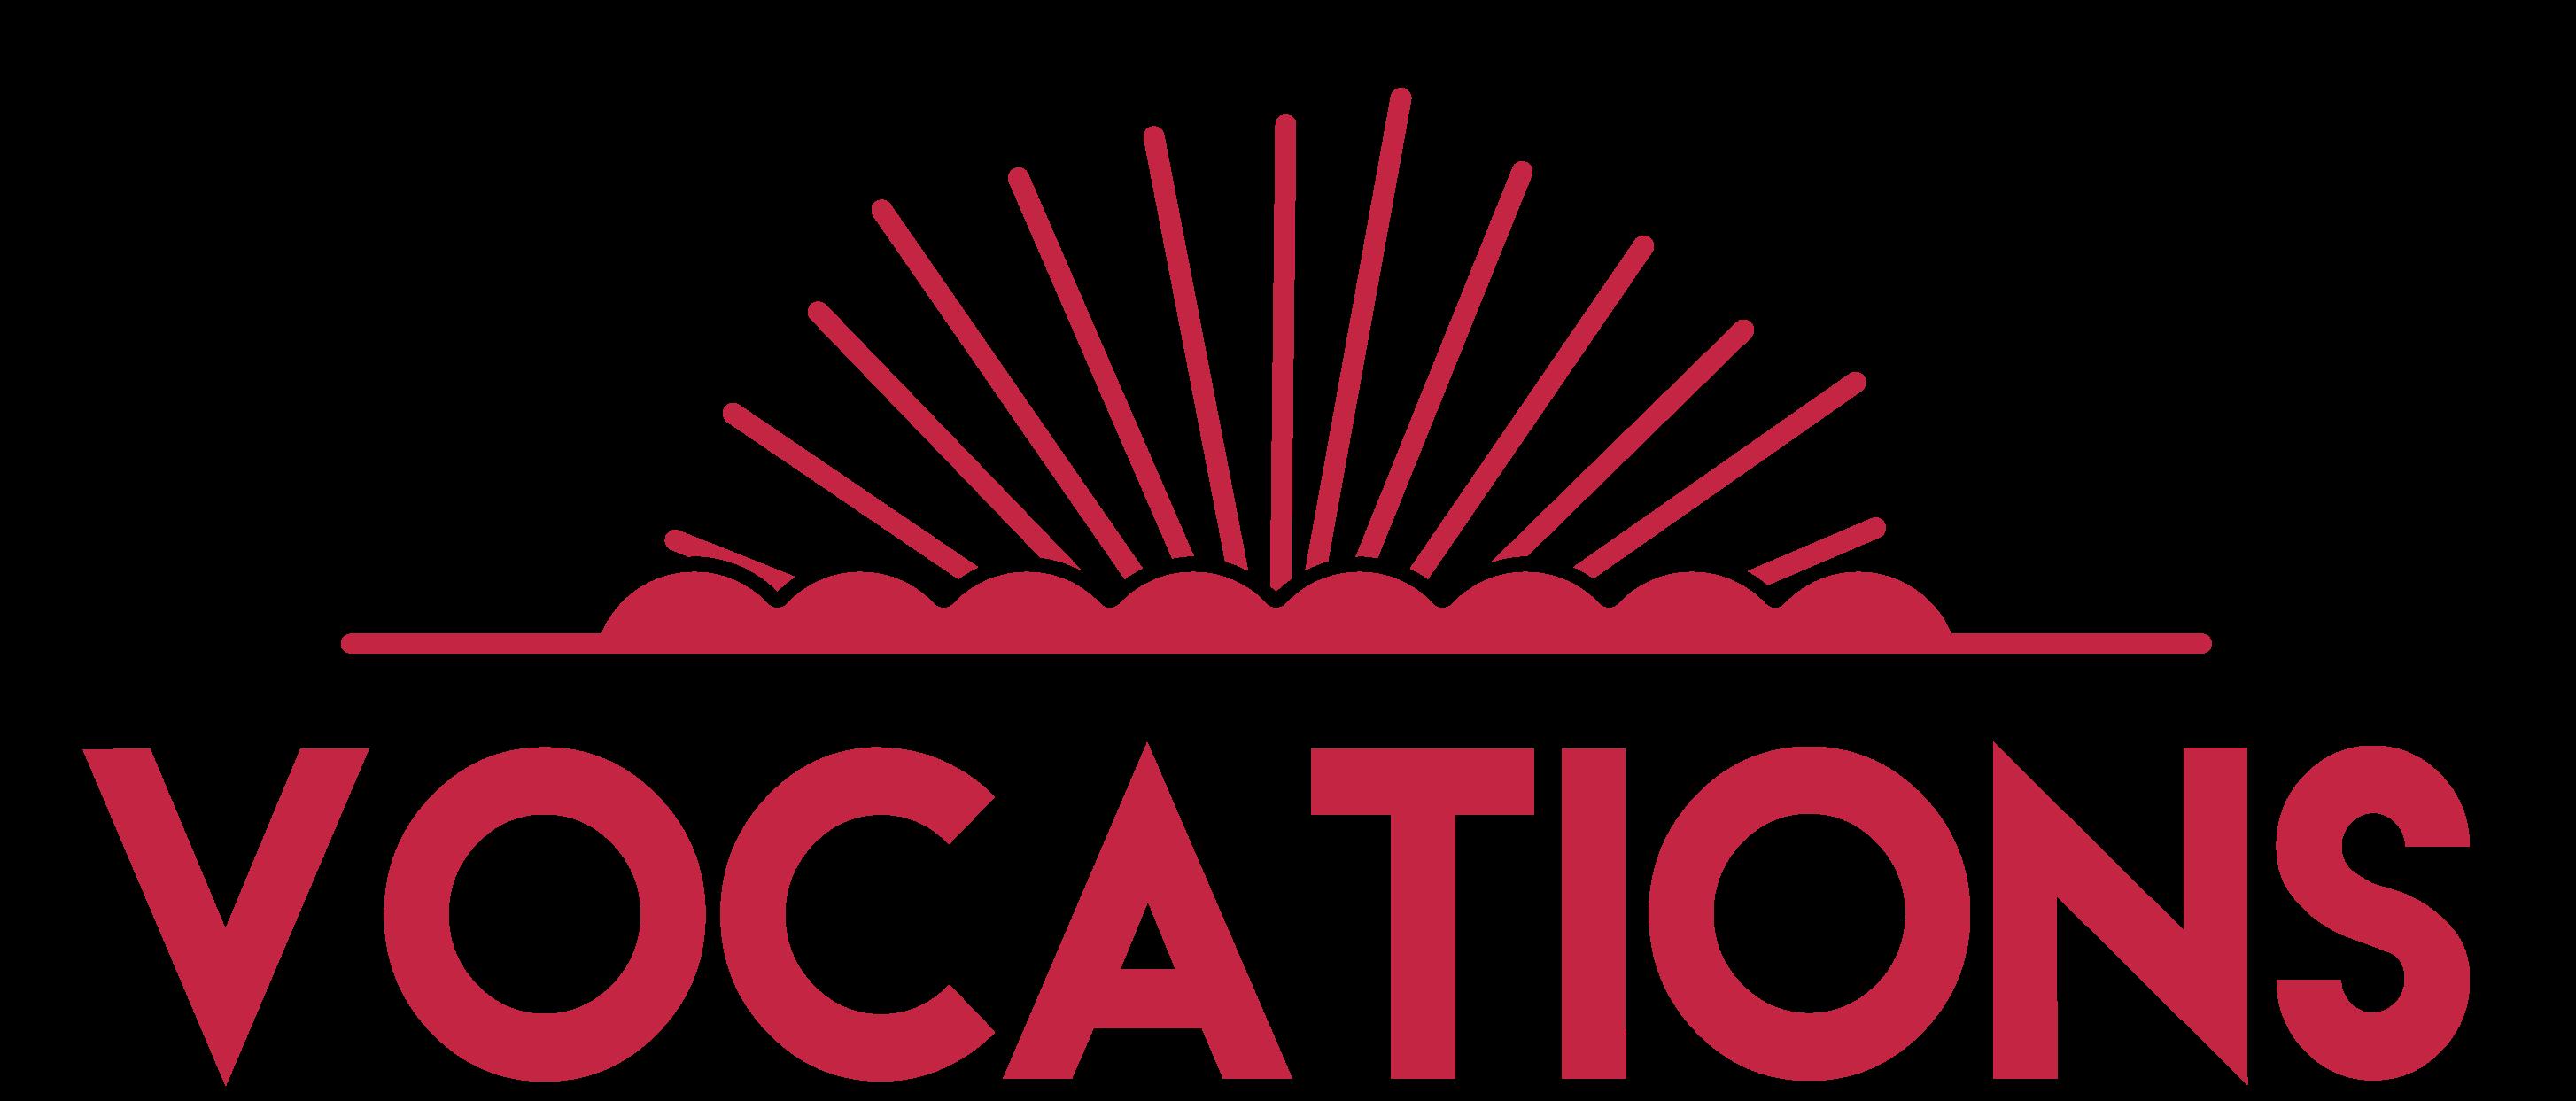 Logo Vocation rouge